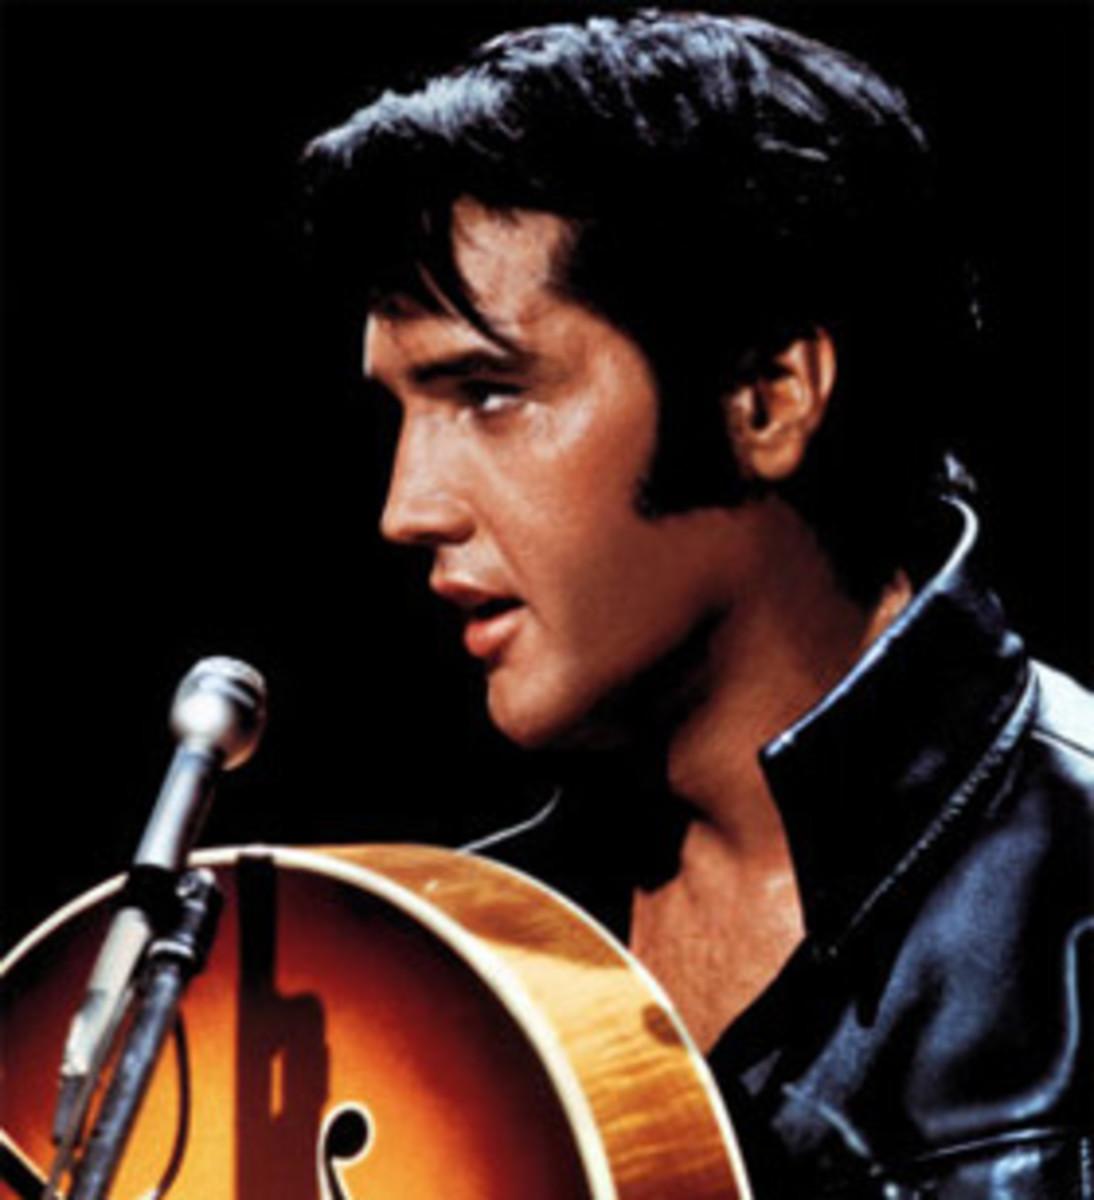 Elvis Presley : The Cat King?